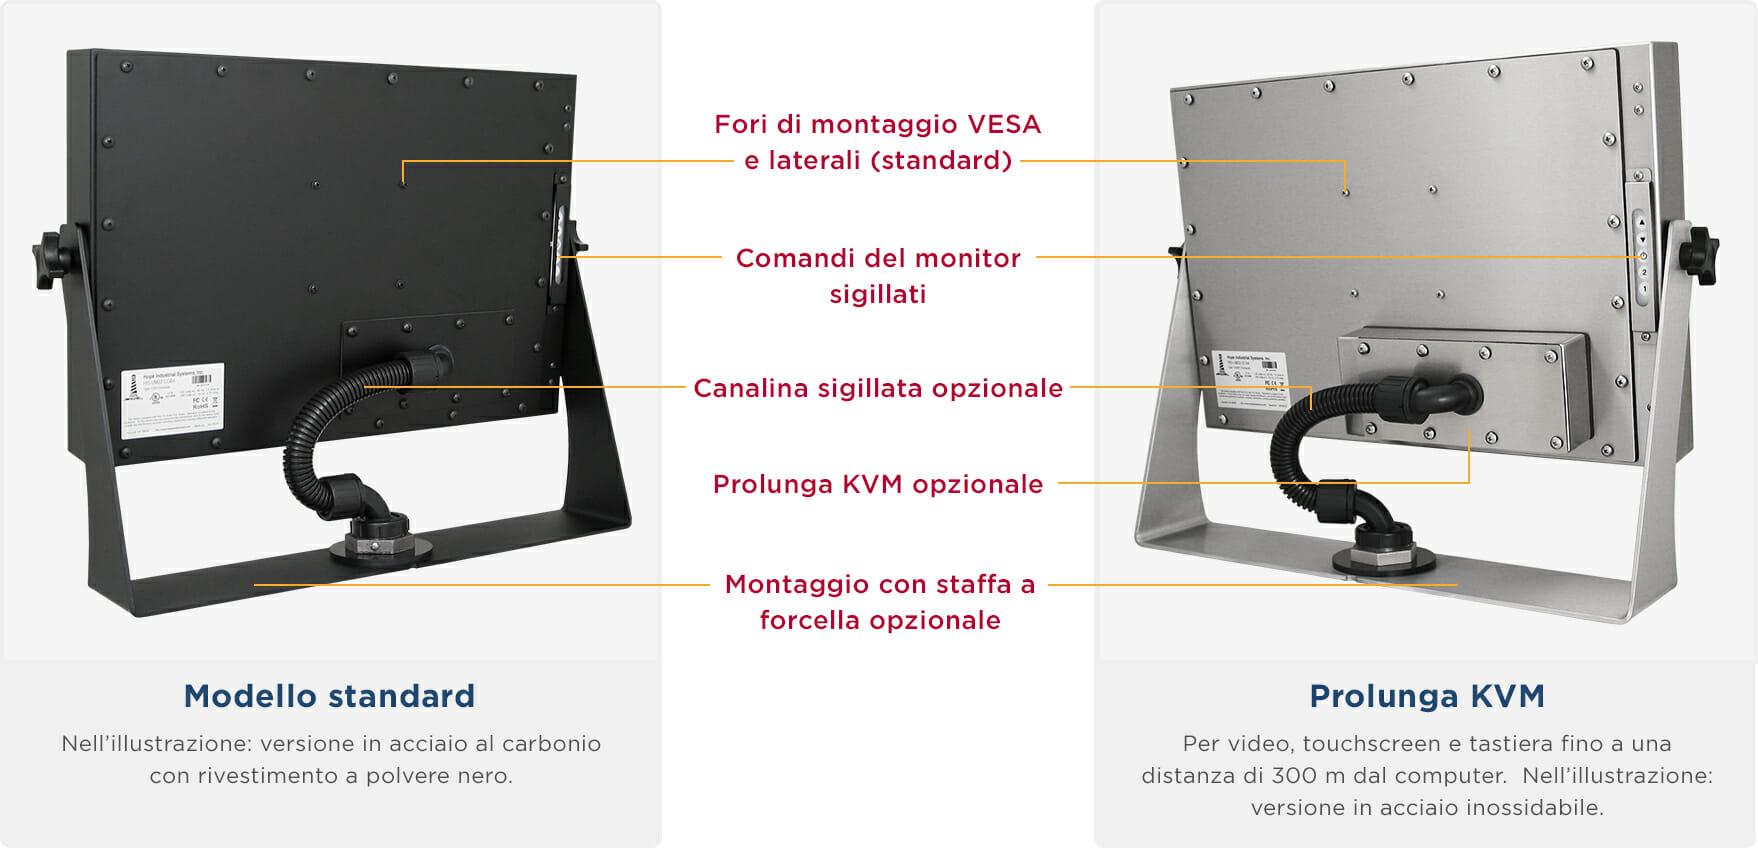 Vedute posteriori di monitor da 22'' con grado di protezione IP65/IP66 per montaggio universale che mostrano le caratteristiche e le opzioni degli enclosure industriali